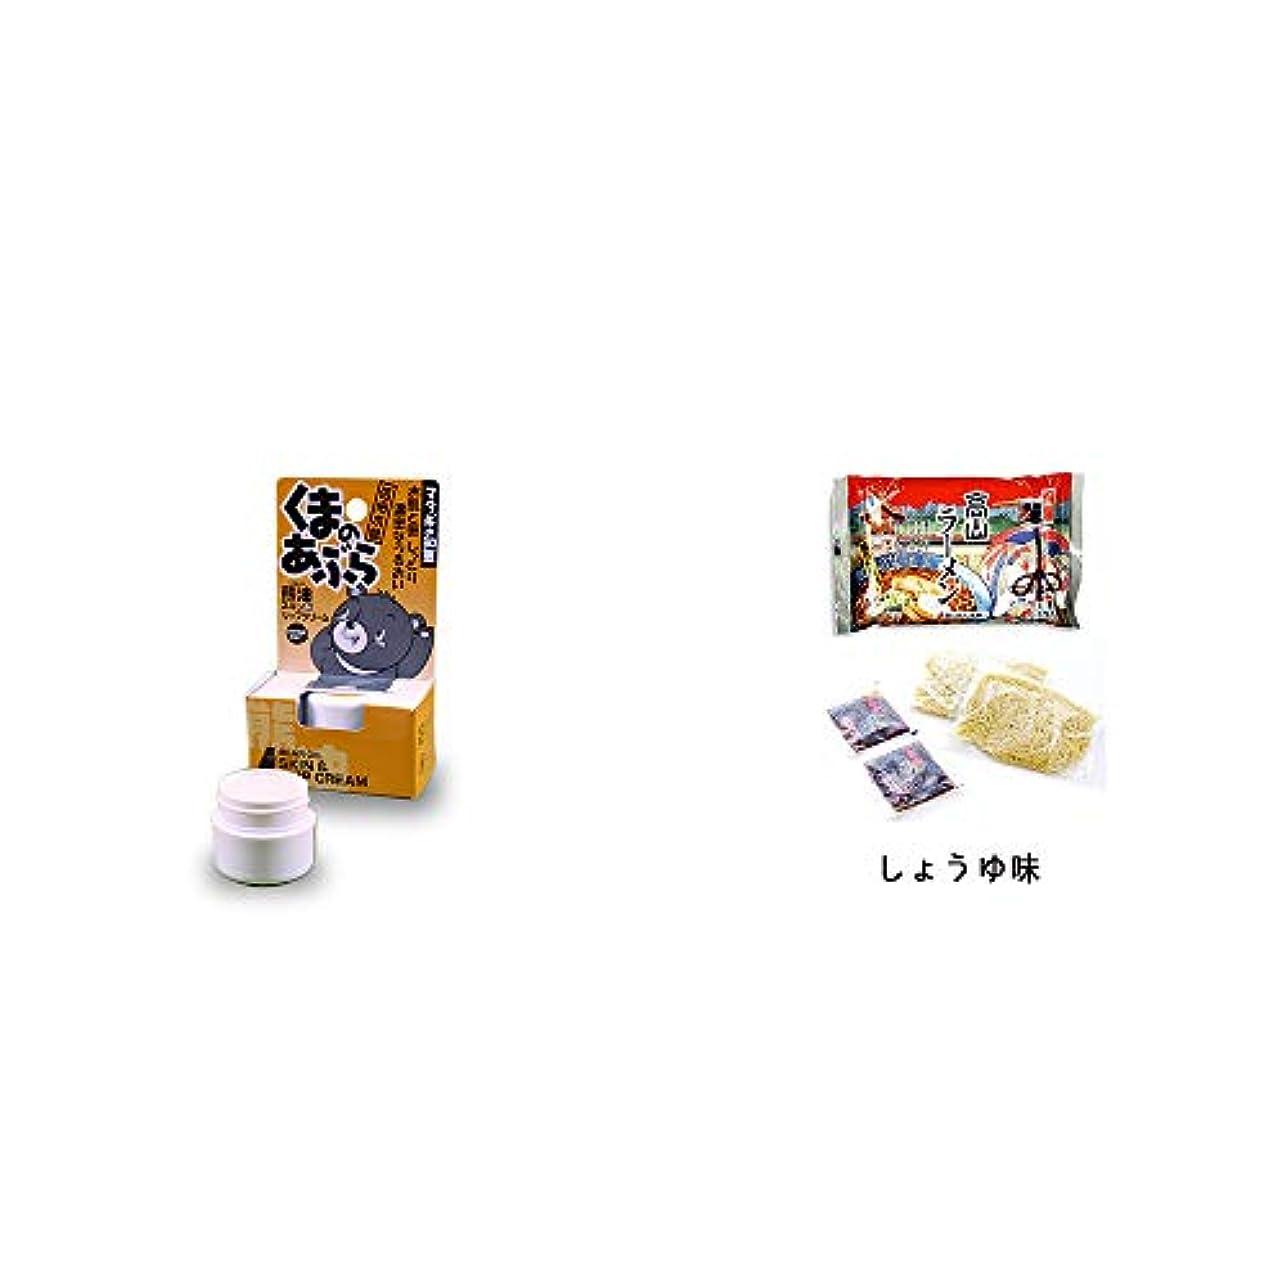 ミルクパラメータスライス[2点セット] 信州木曽 くまのあぶら 熊油スキン&リップクリーム(9g)?飛騨高山ラーメン[生麺?スープ付 (しょうゆ味)]